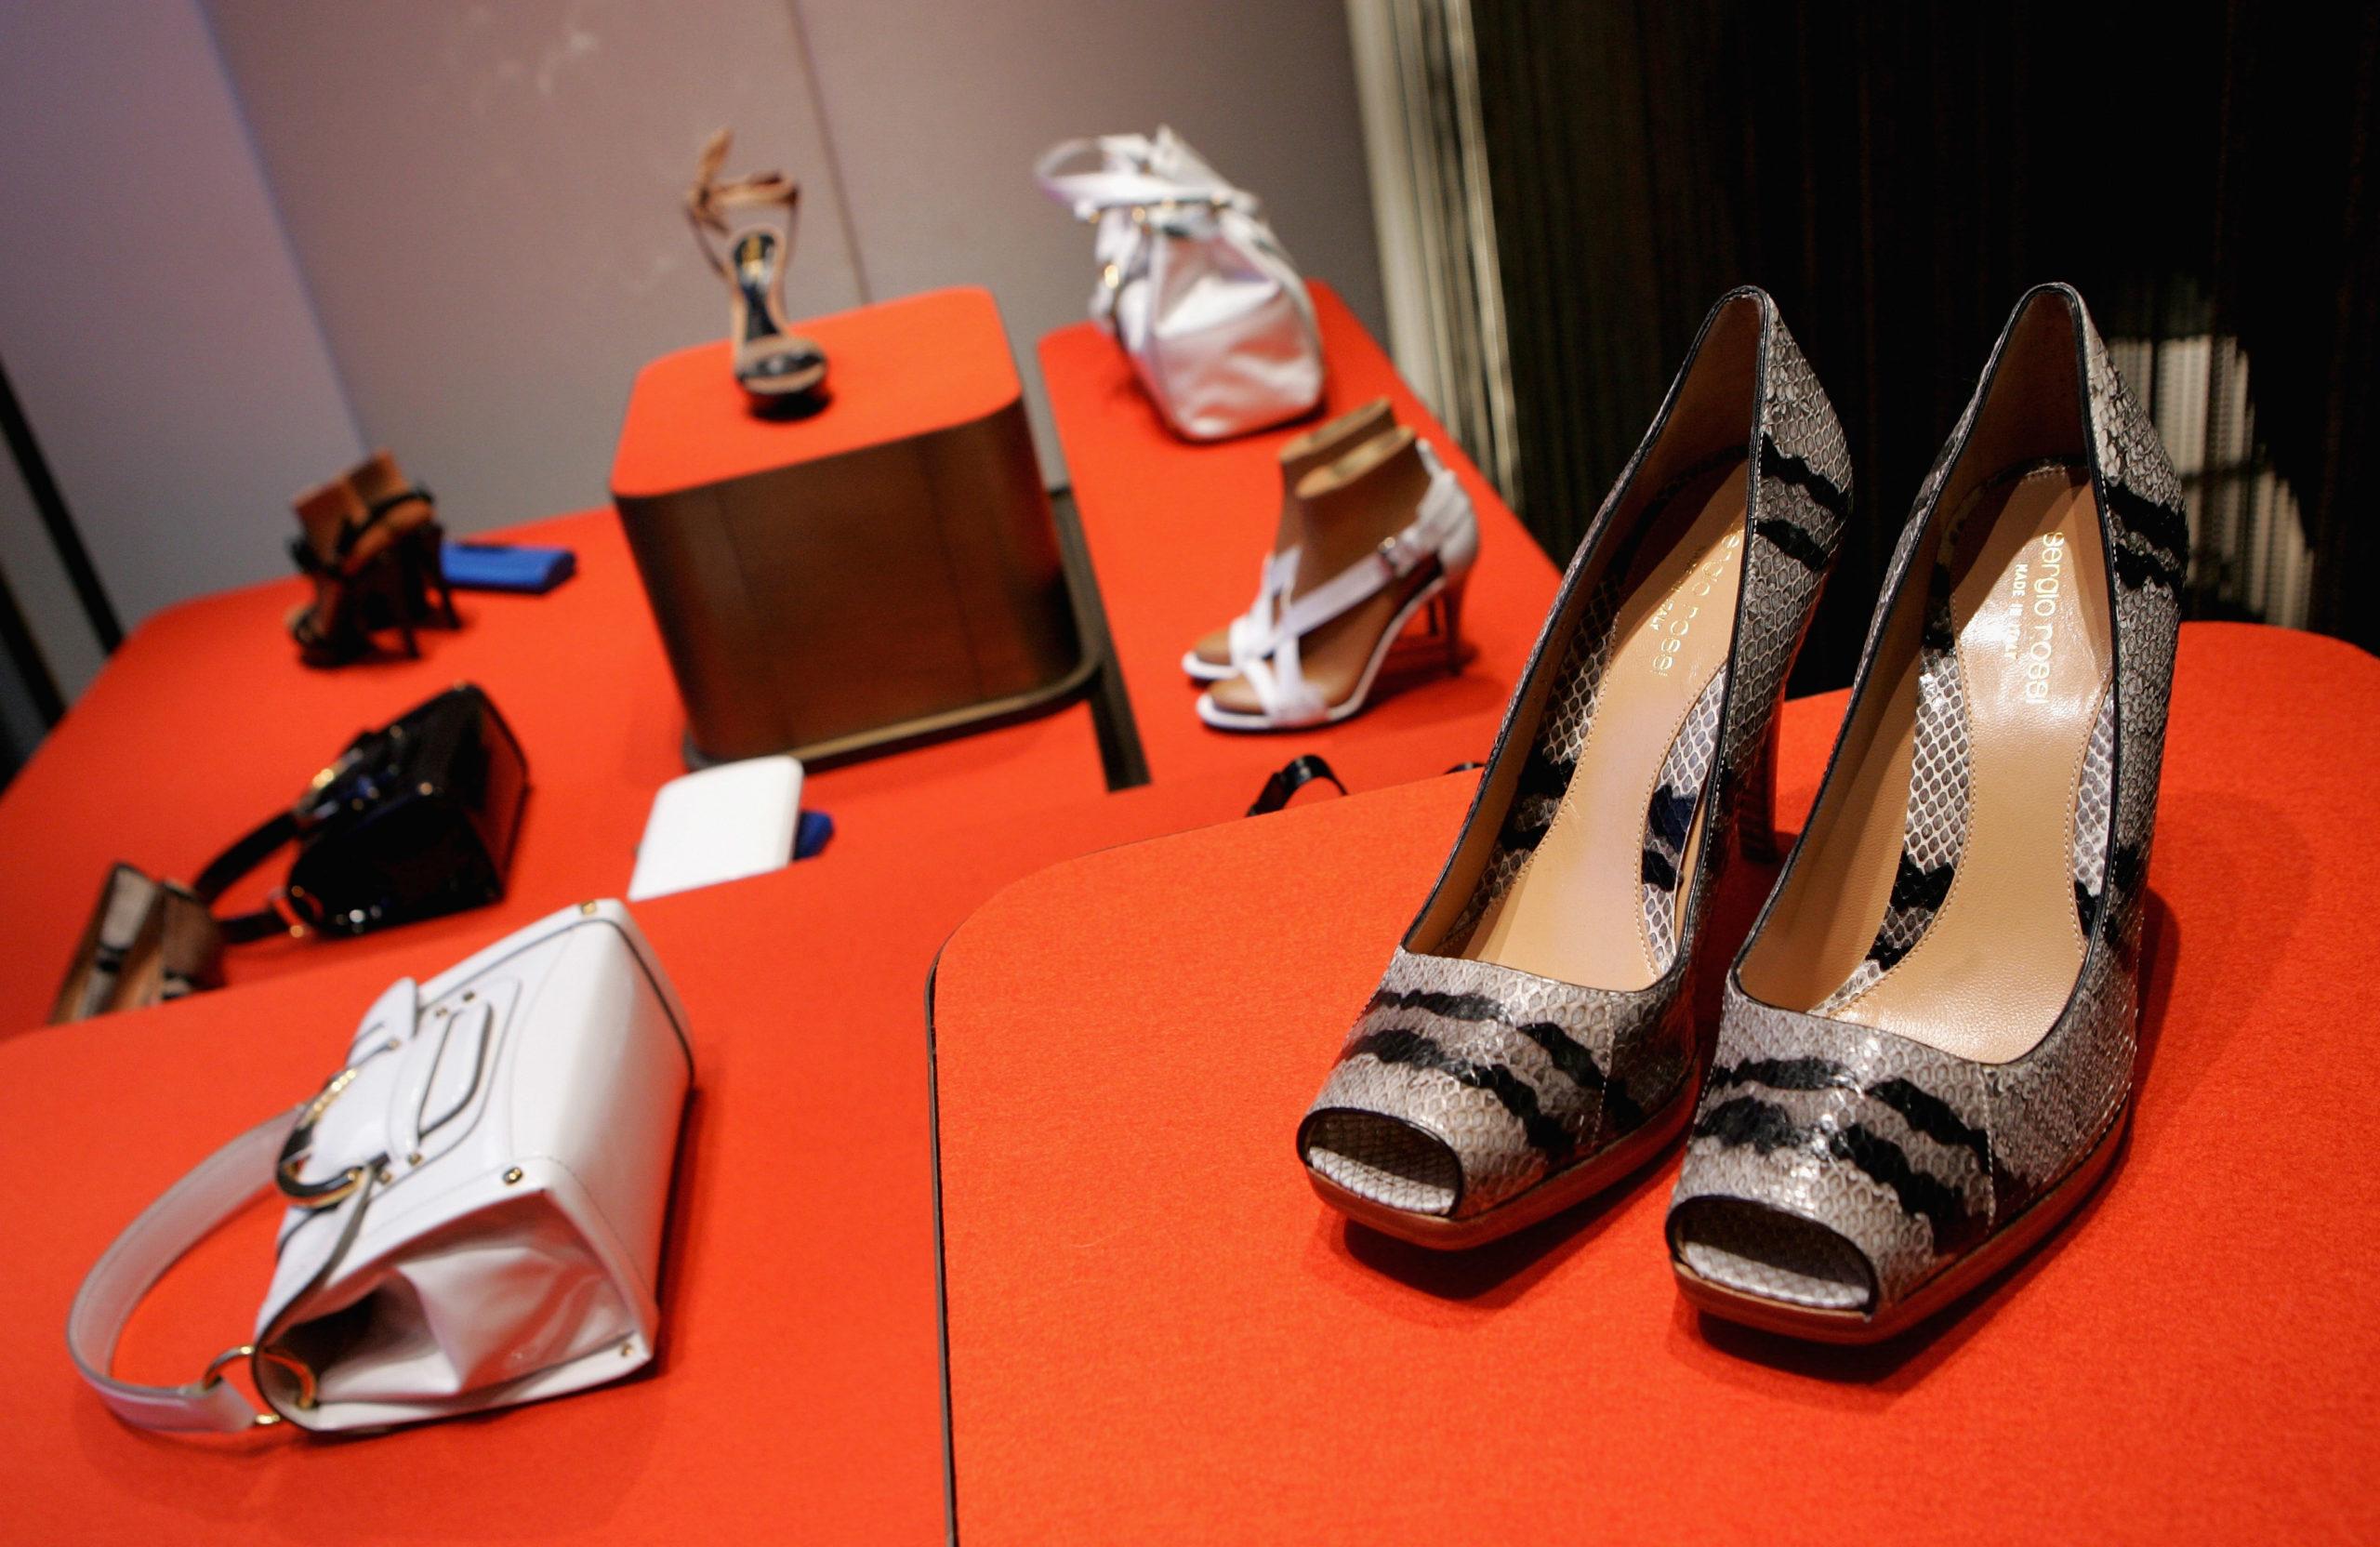 Morto il re delle scarpe Sergio Rossi a causa del Coronavirus